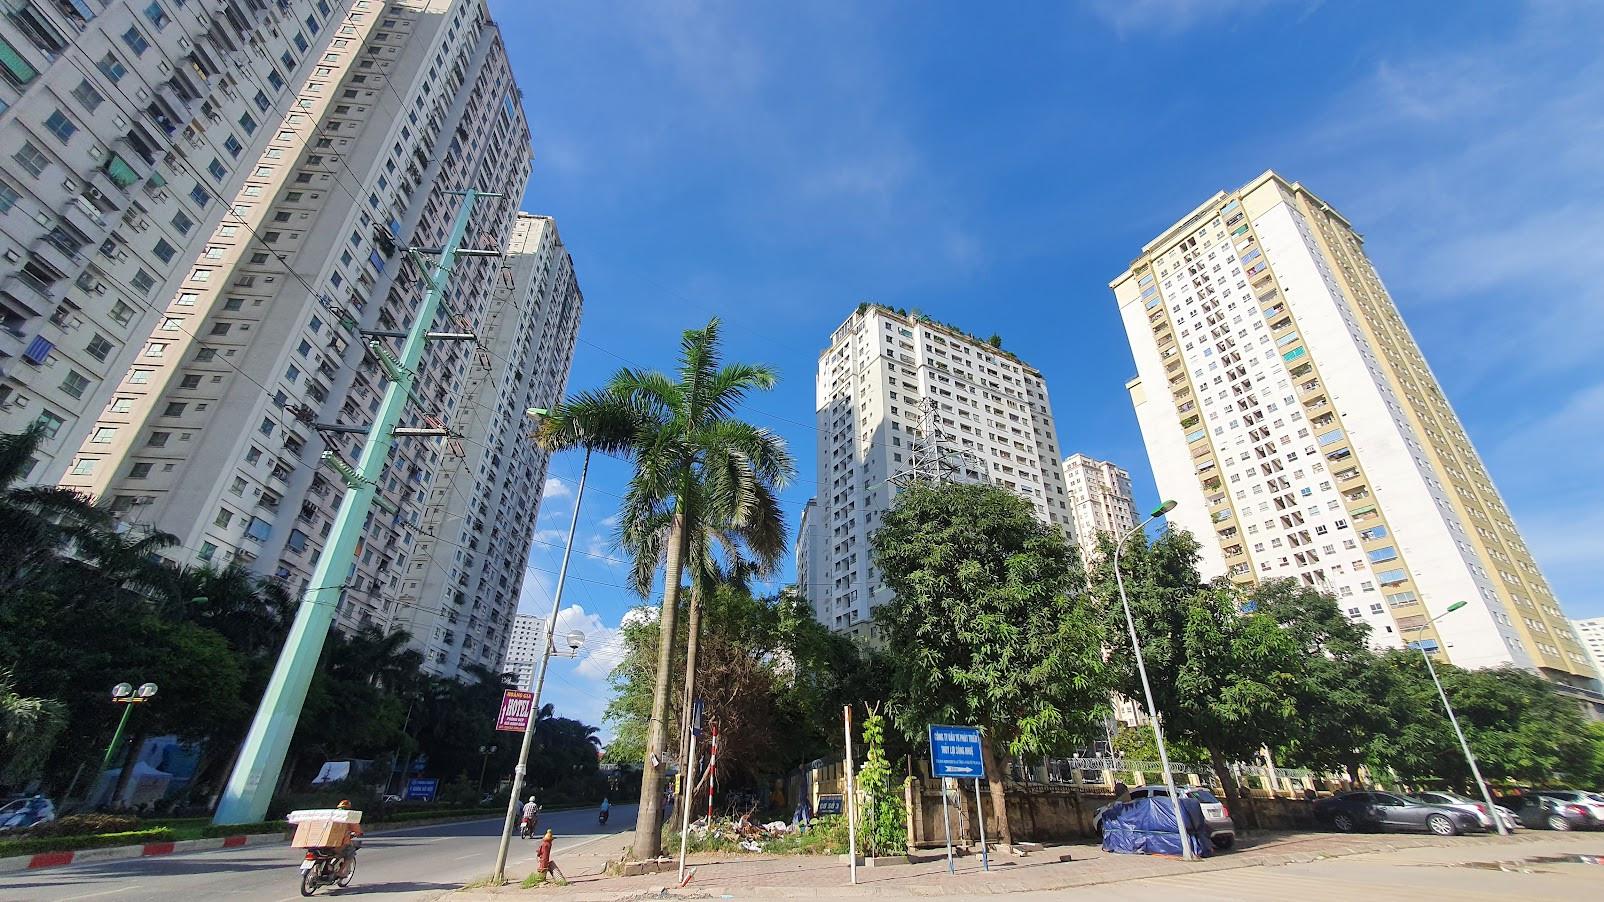 Hà Nội: Dư dả nguồn cung, nhà ở giá từ 35 đến trên 40 triệu đồng/m2 vẫn đắt khách nhất - Ảnh 1.